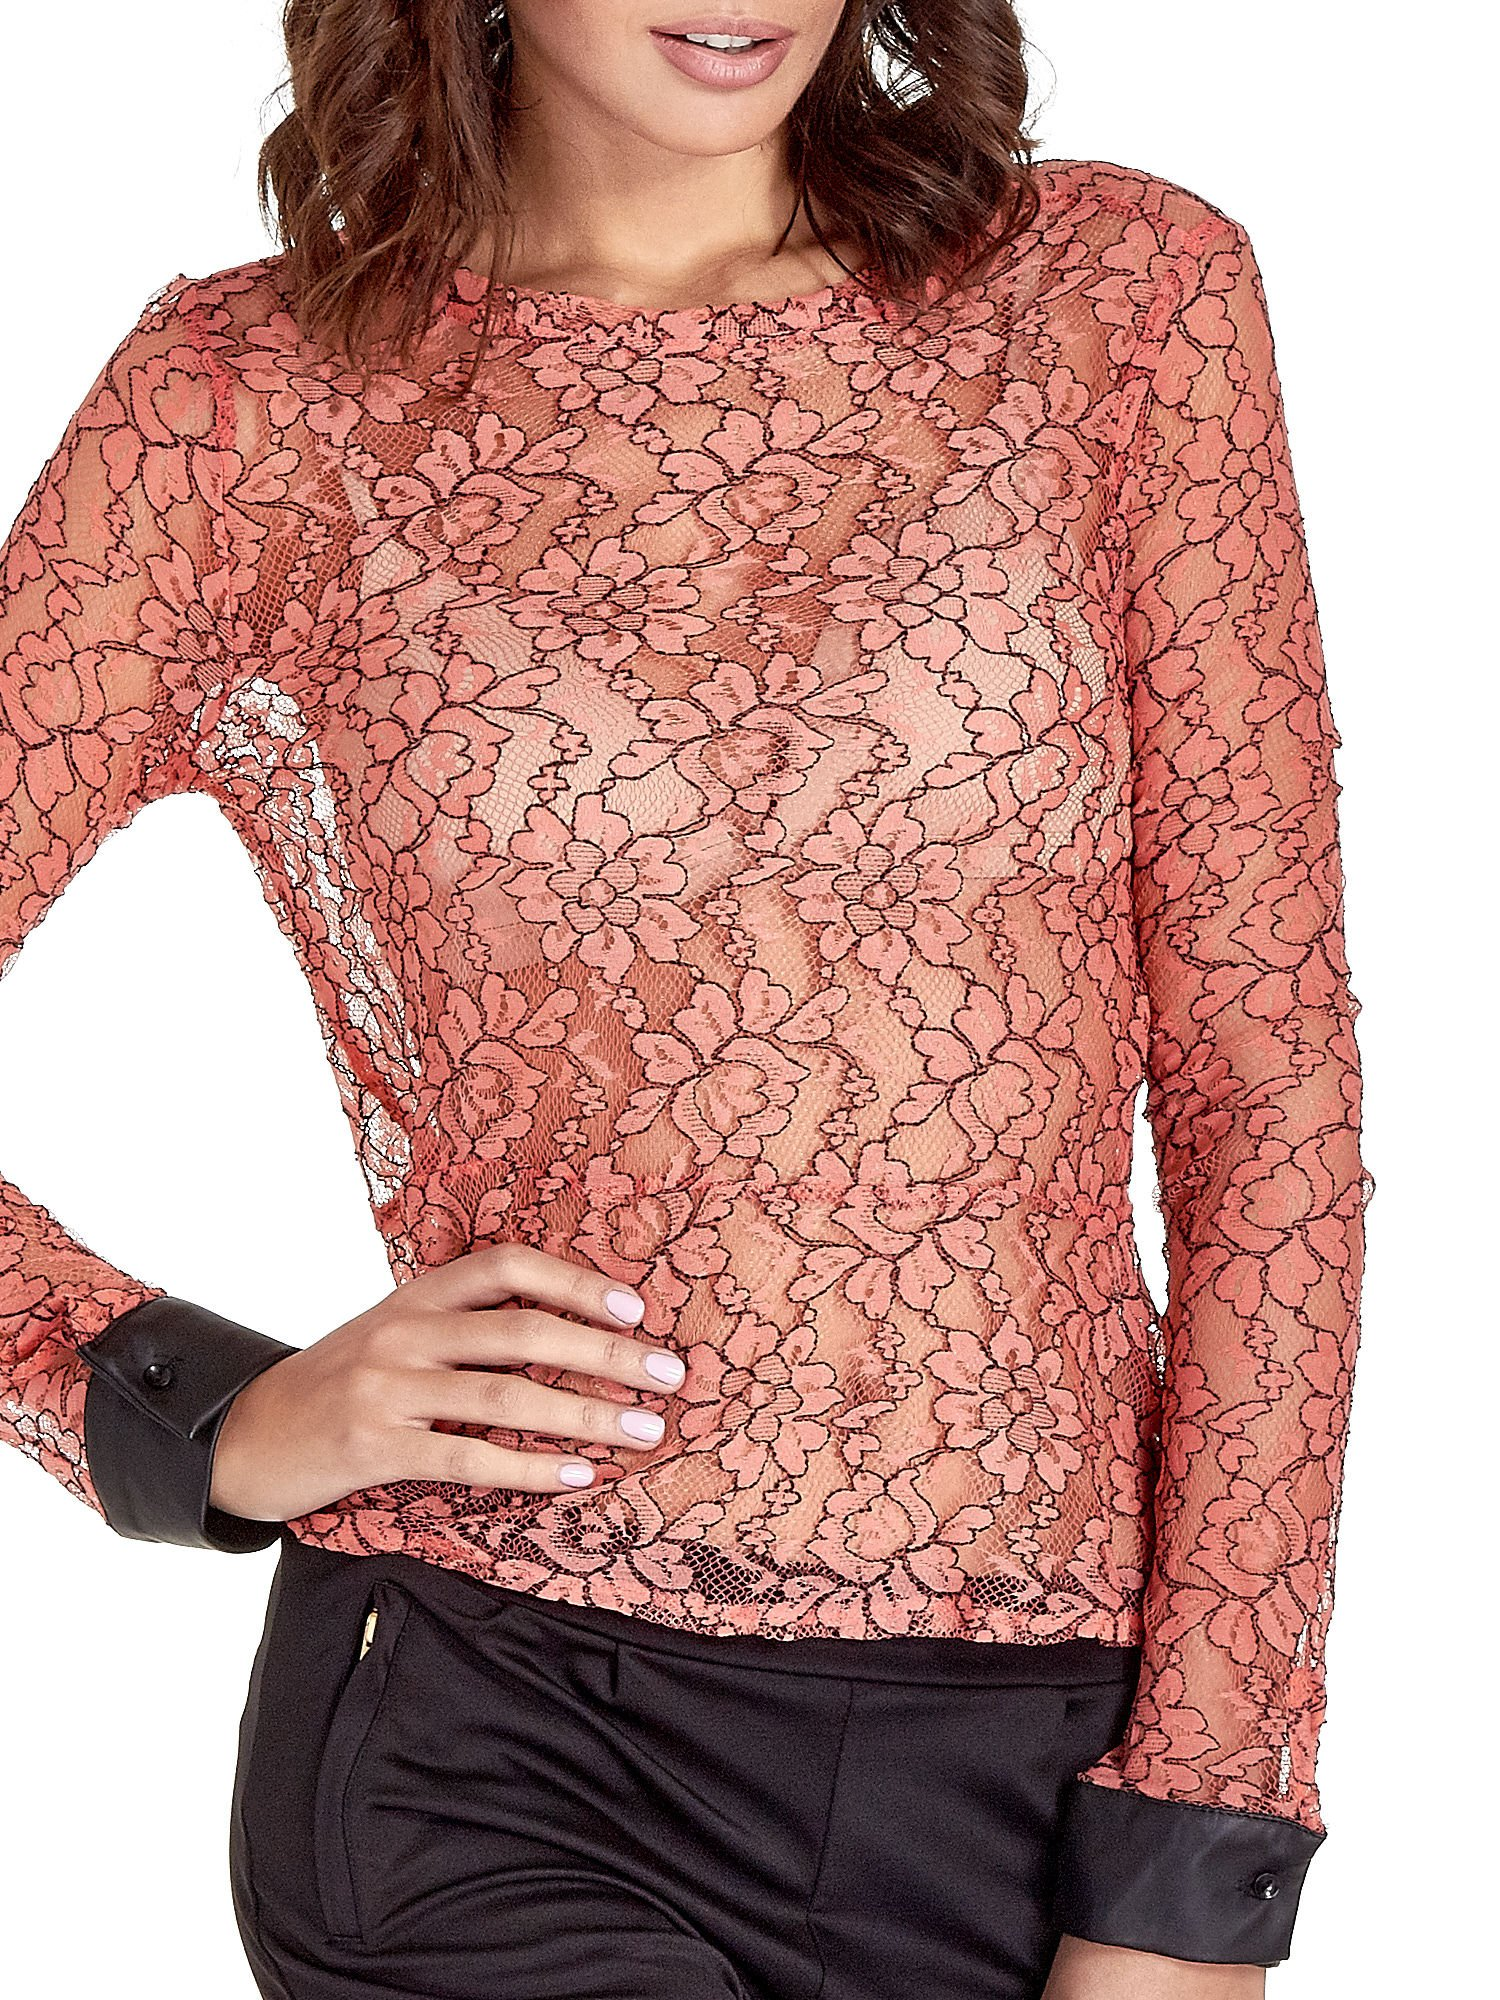 Koralowa bluzka koszulowa z koronki ze skórzanymi mankietami                                  zdj.                                  5